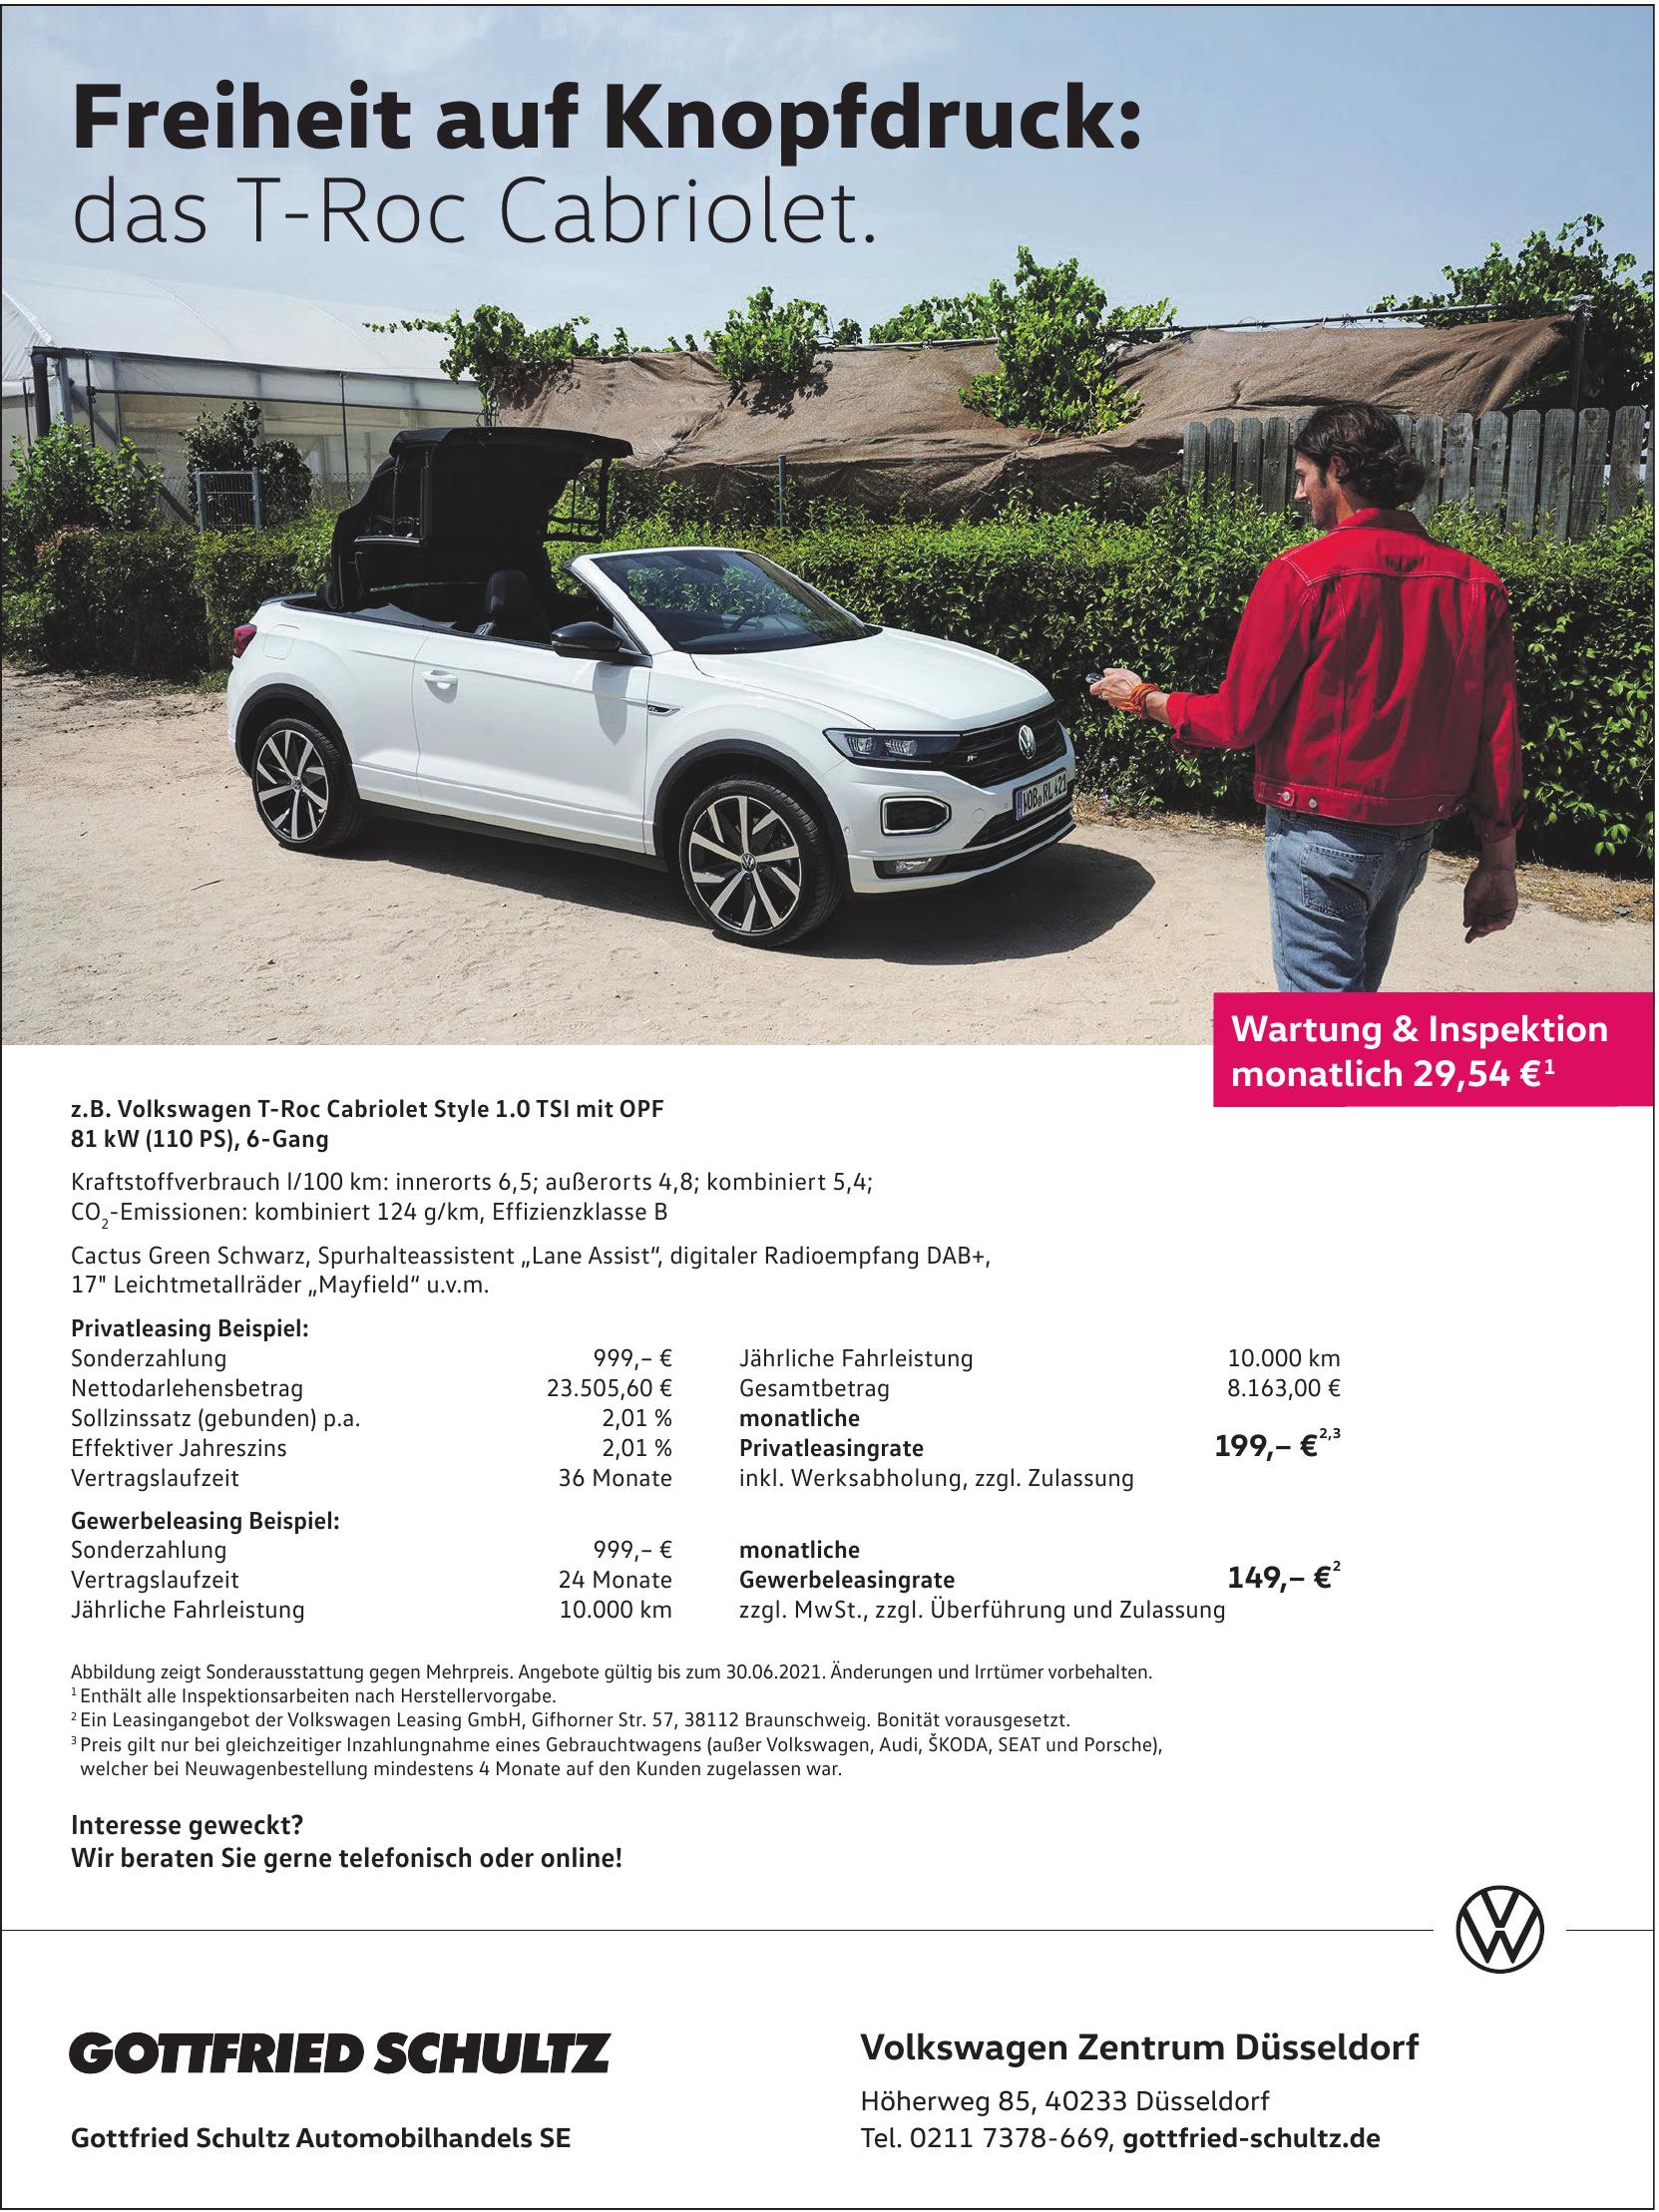 Volkswagen Zentrum Düsseldorf - Gottfried Schultz Automobilhandels SE